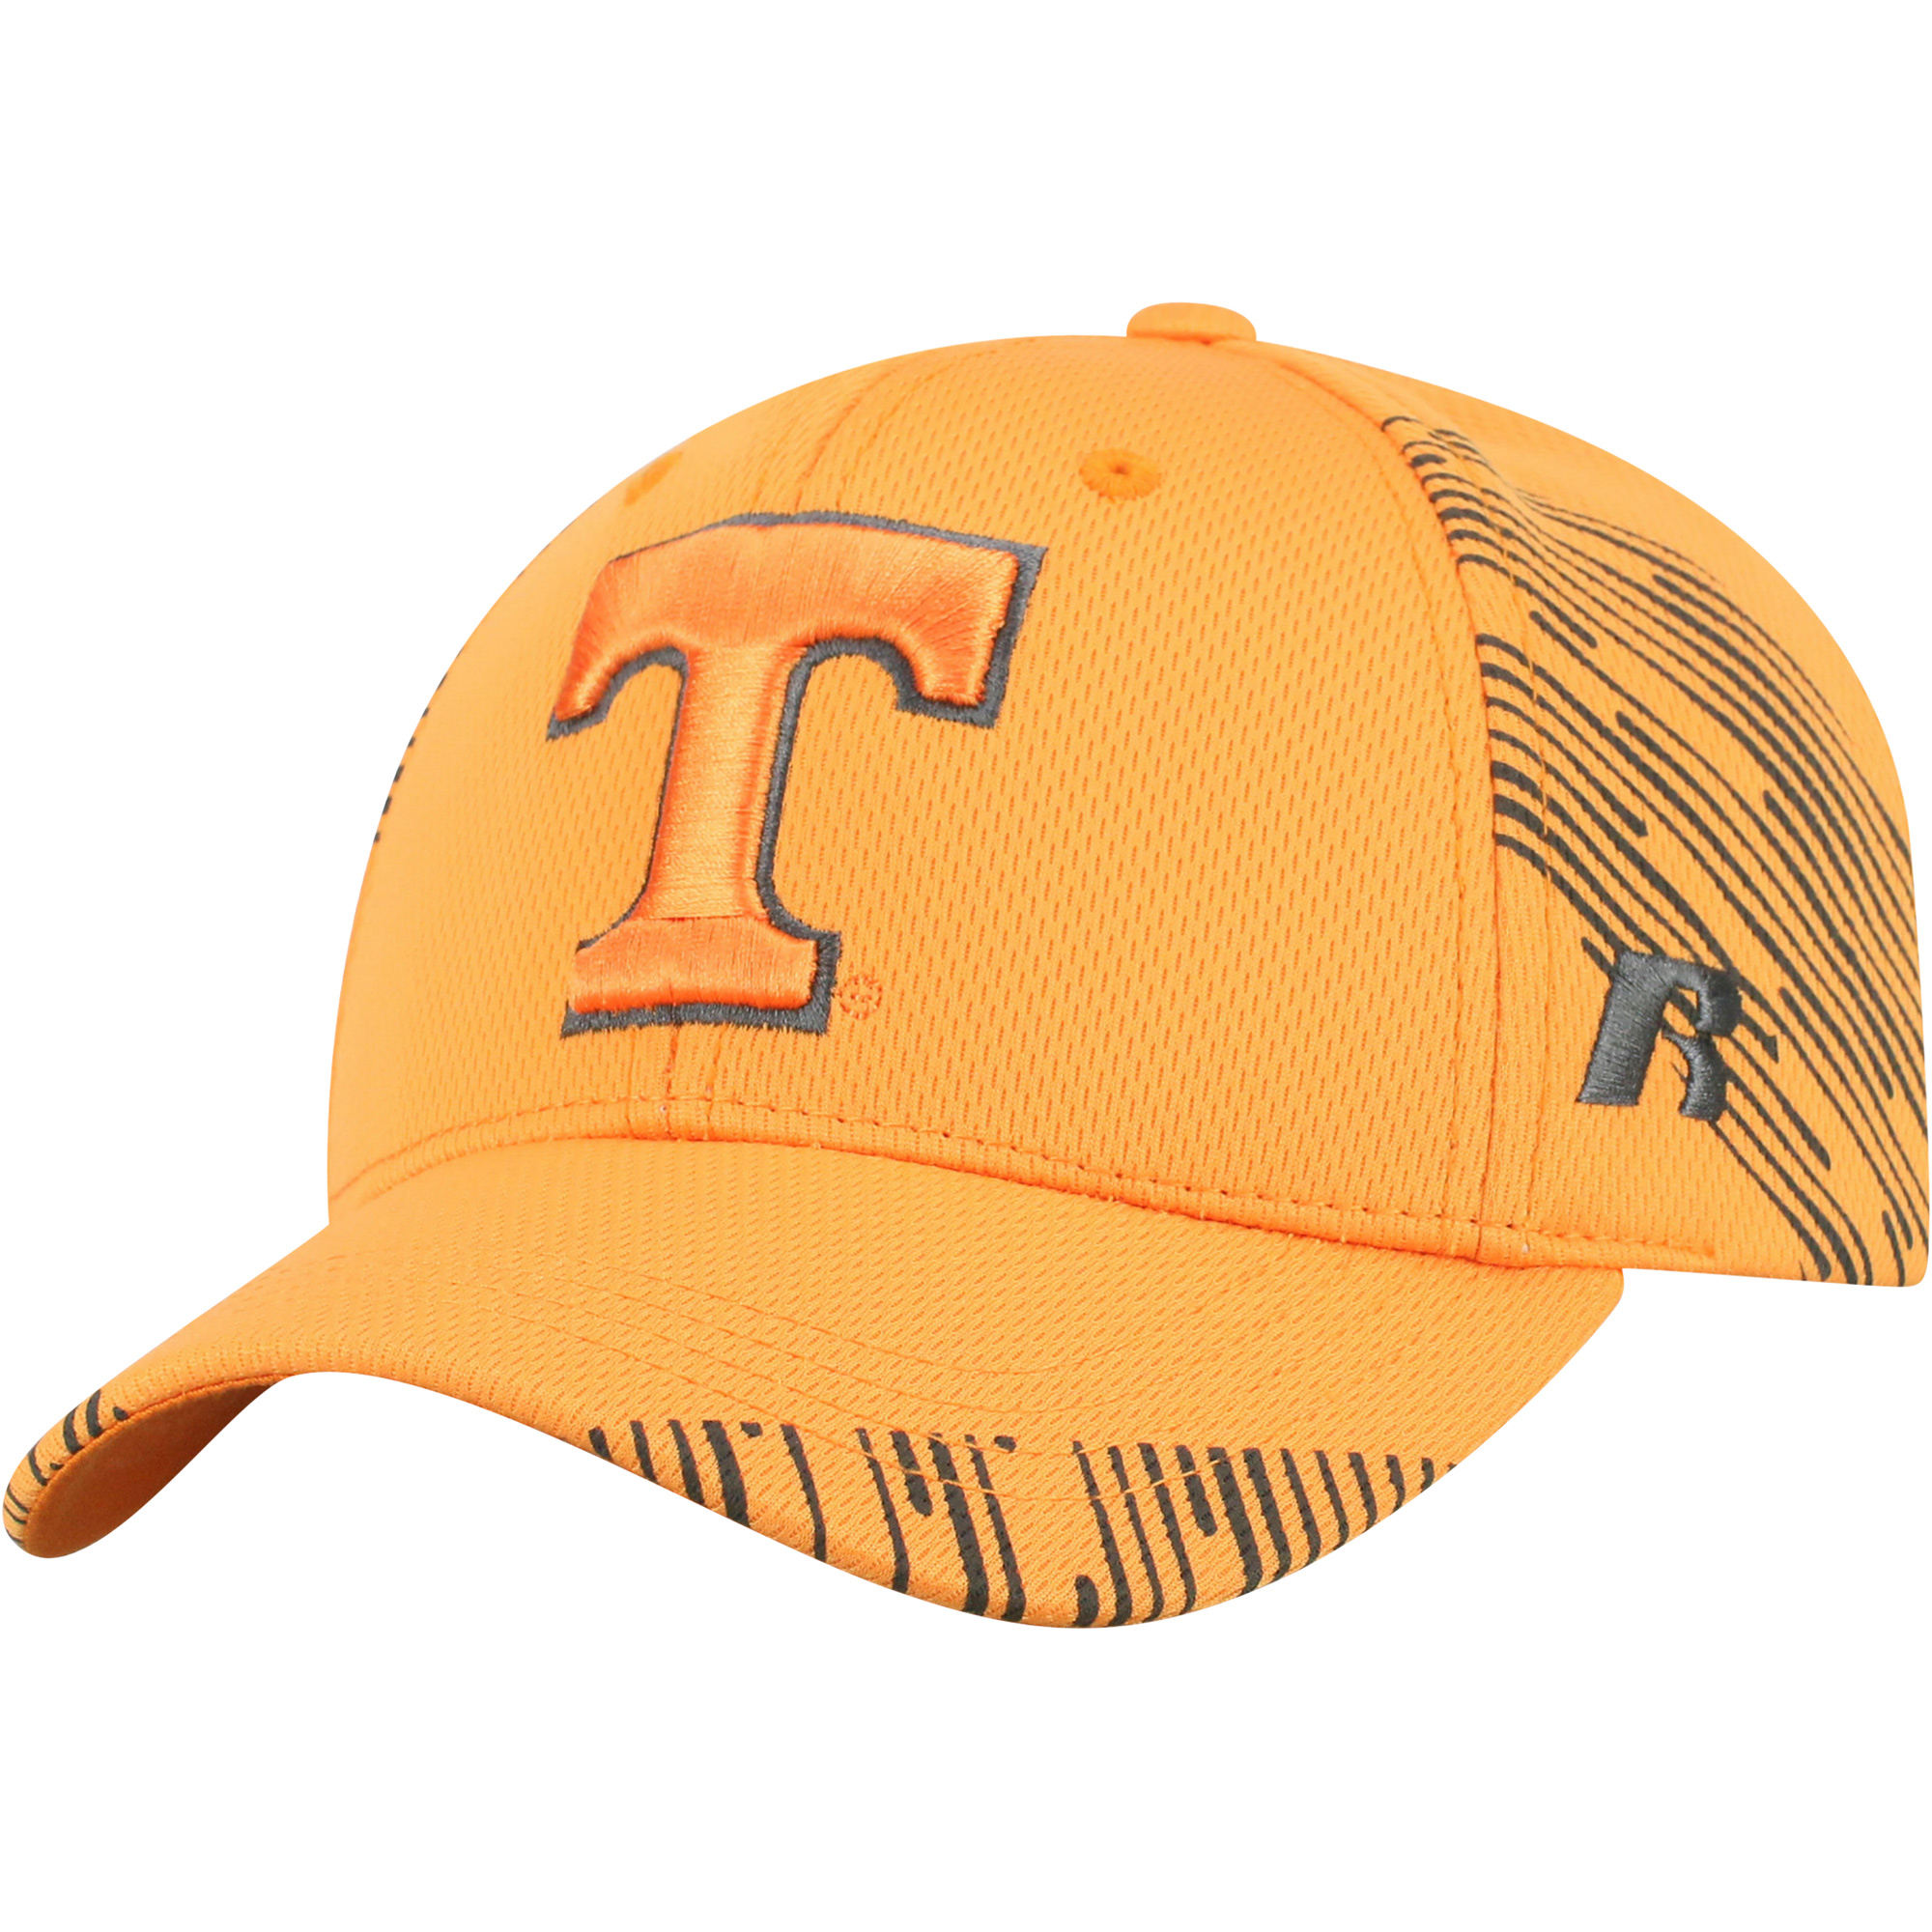 Men's Tennessee Orange Tennessee Volunteers Uptempo Adjustable Hat - OSFA